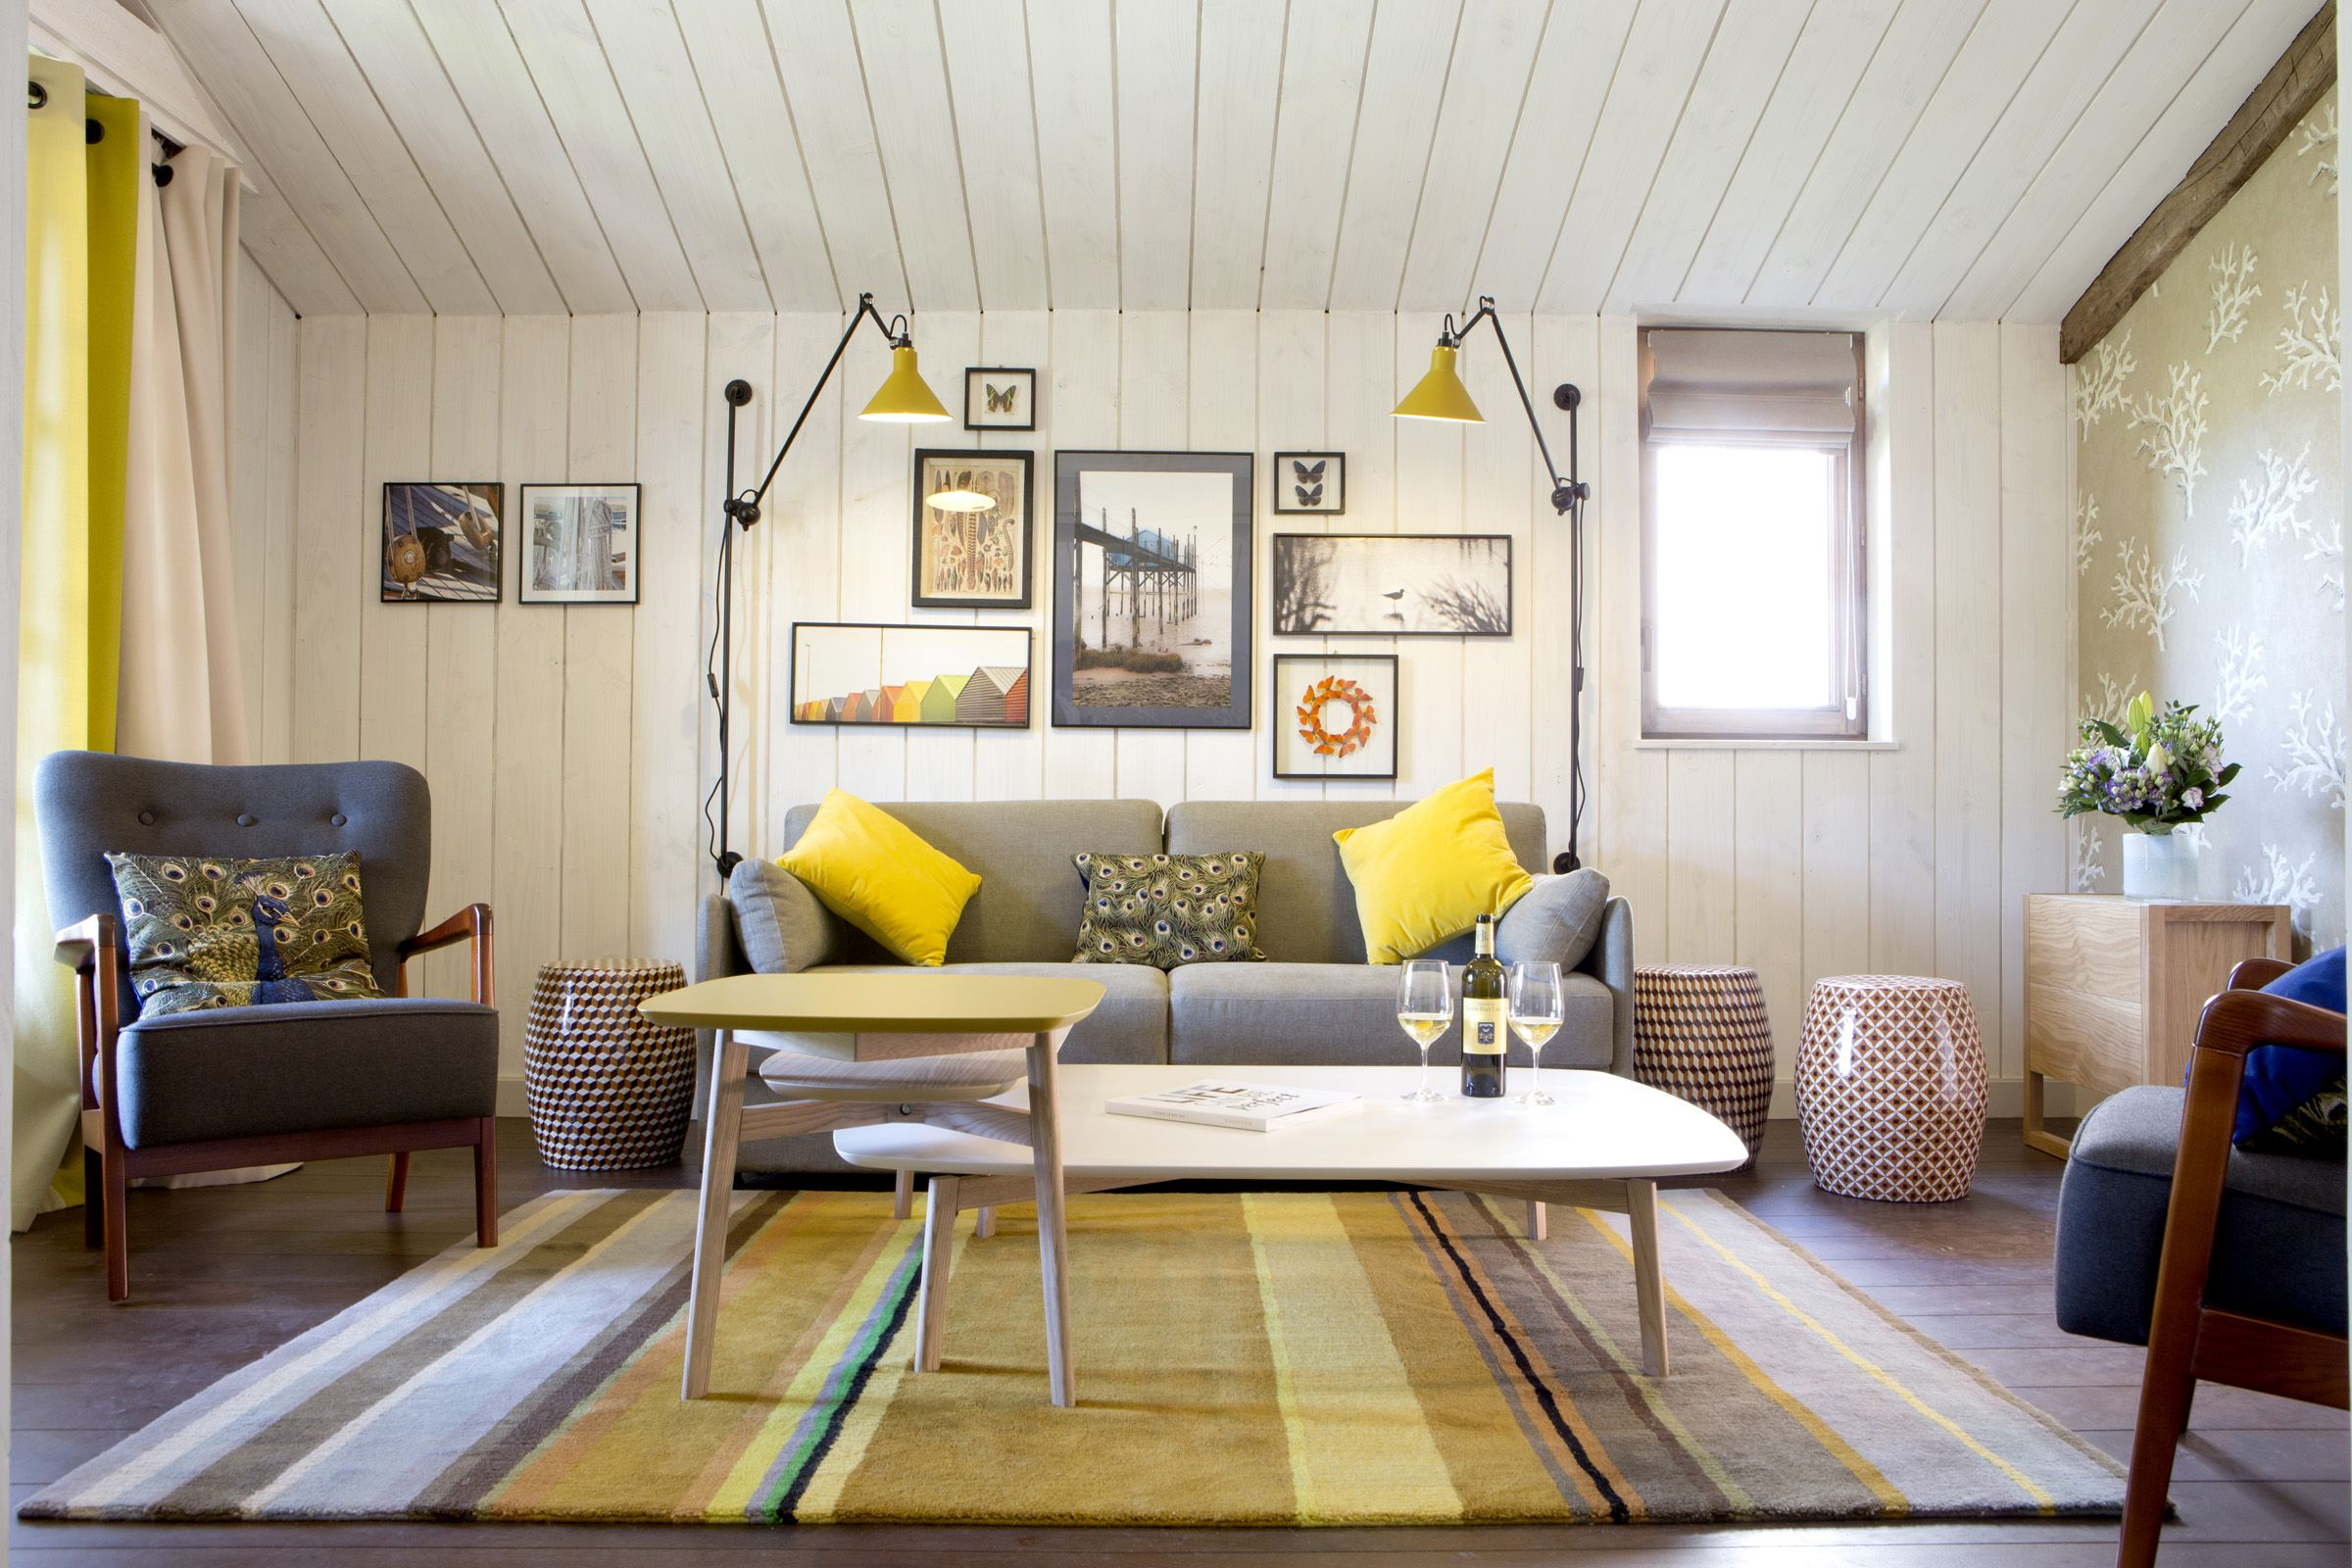 Deco salon gris blanc jaune recherche google id es - Decoration salon jaune moutarde ...